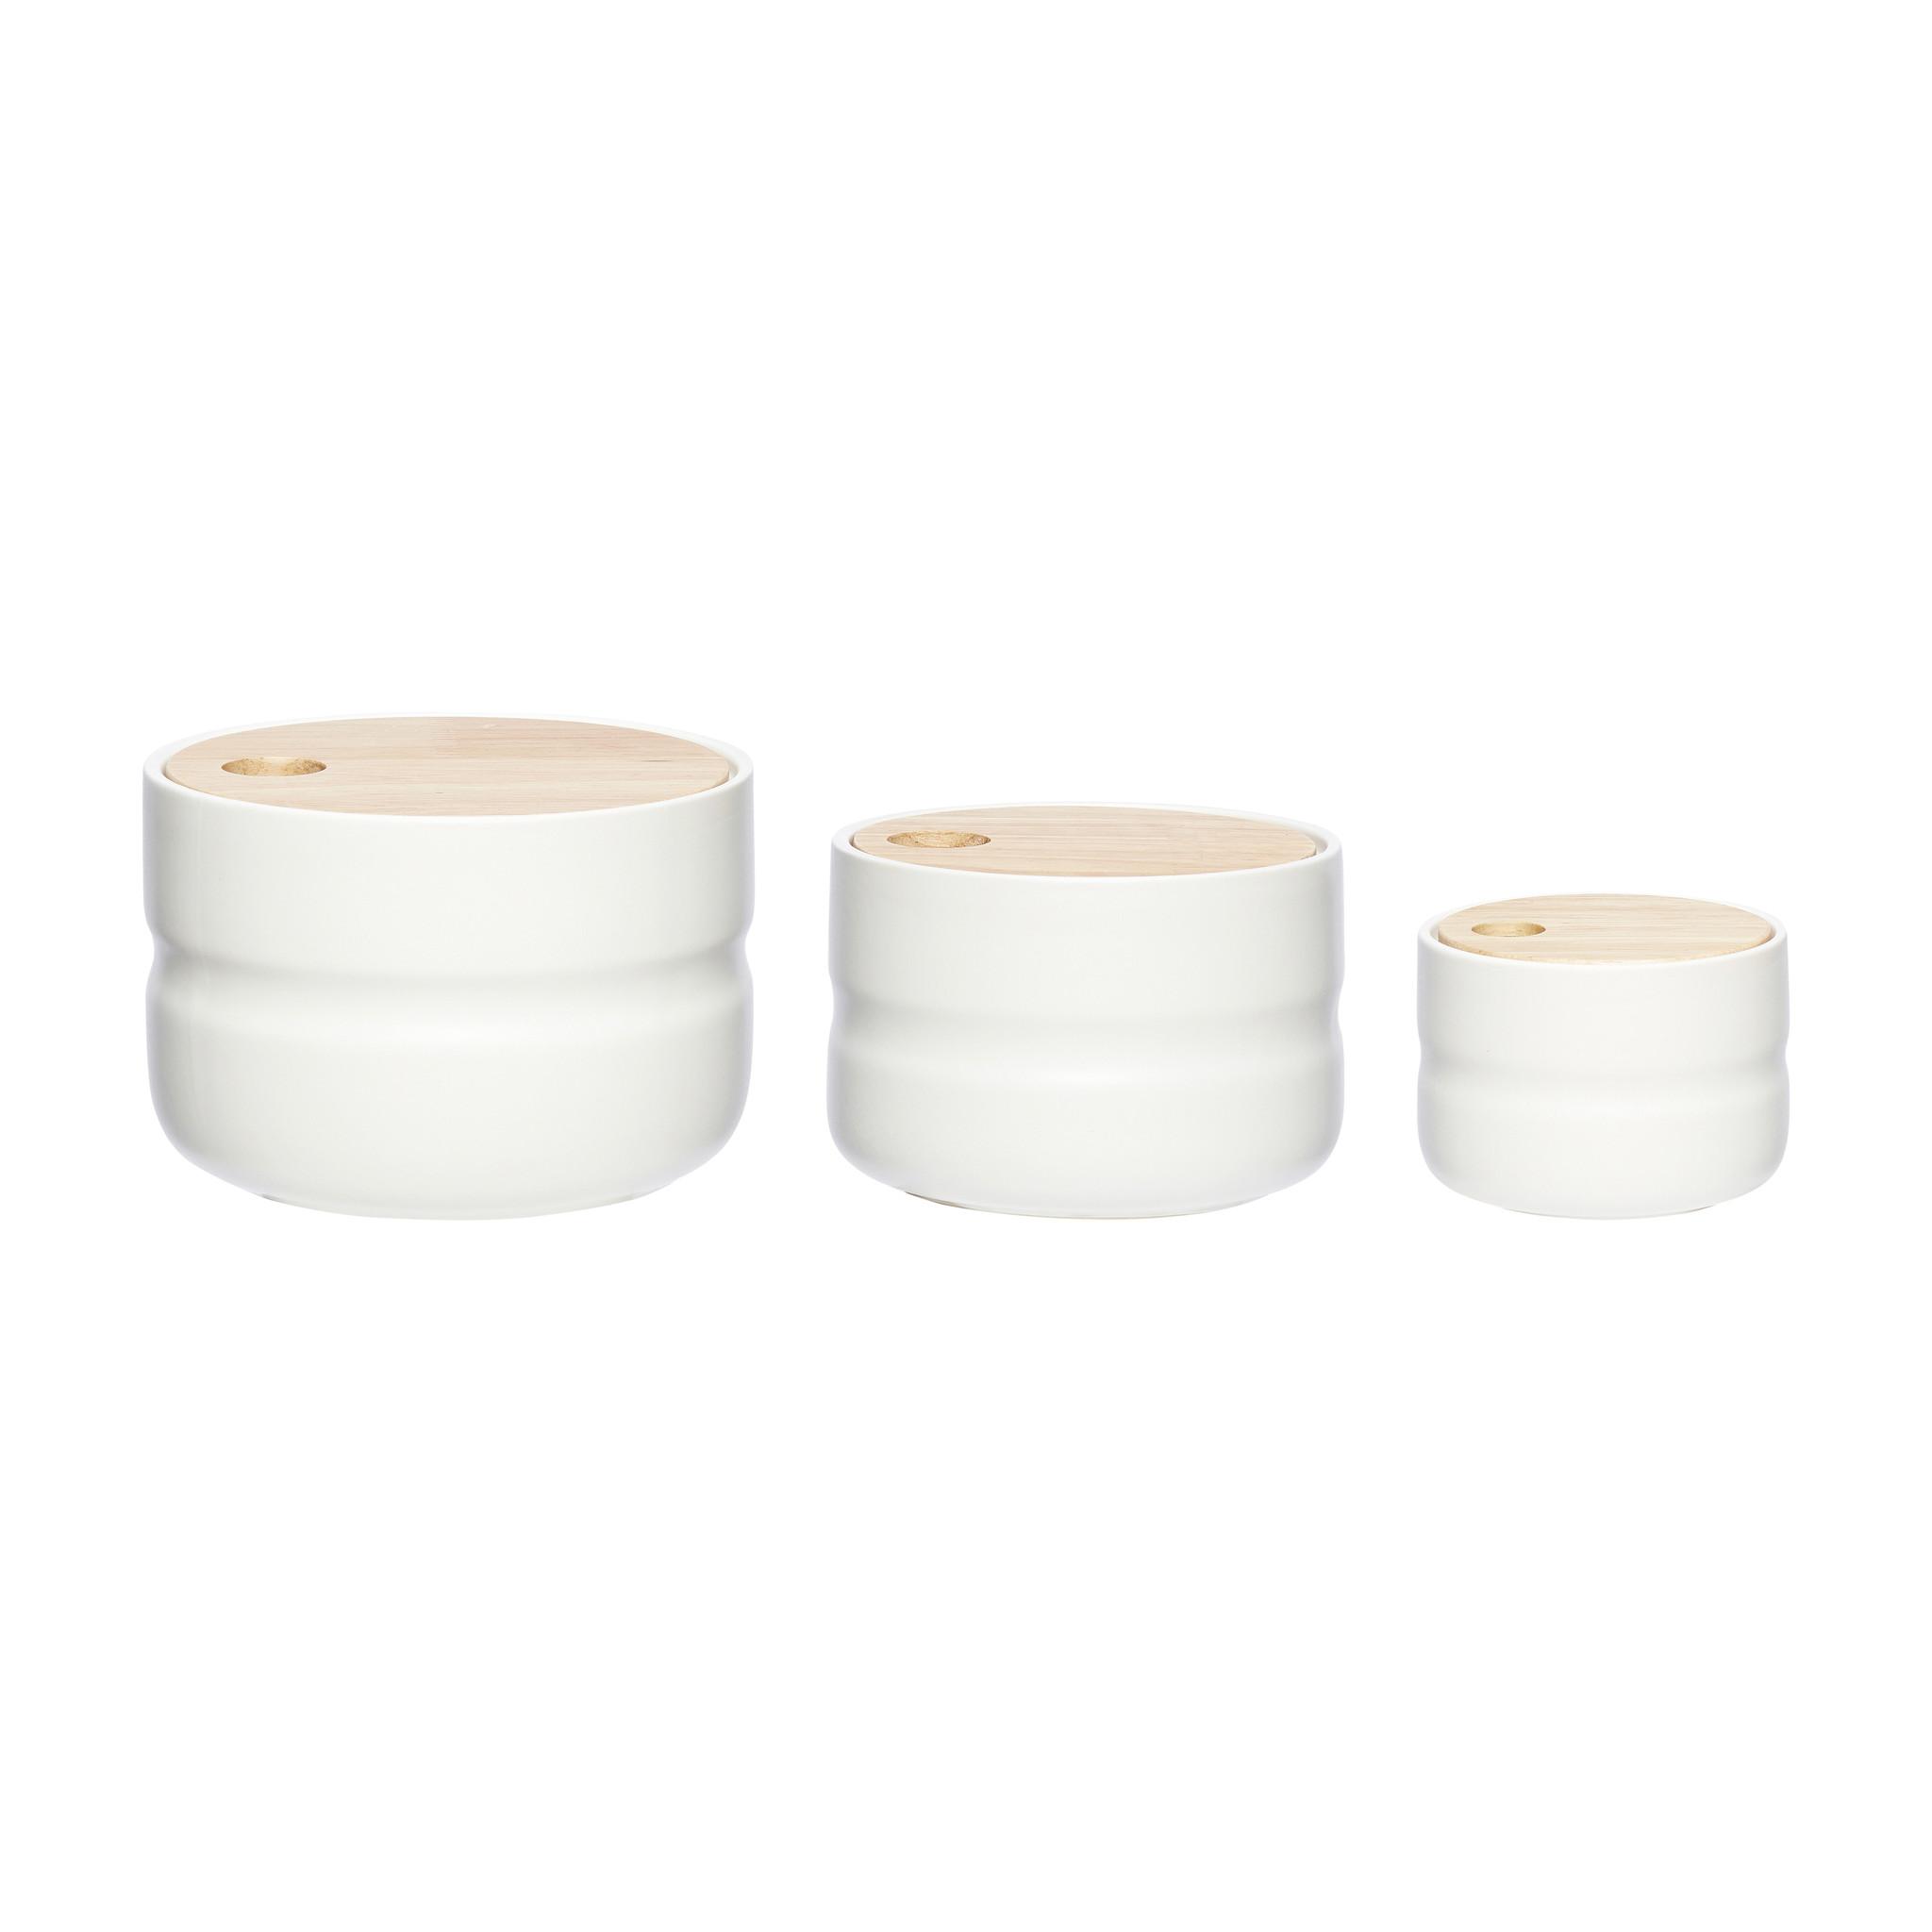 Hubsch Pot met deksel, keramiek, wit / natuur, set van 3